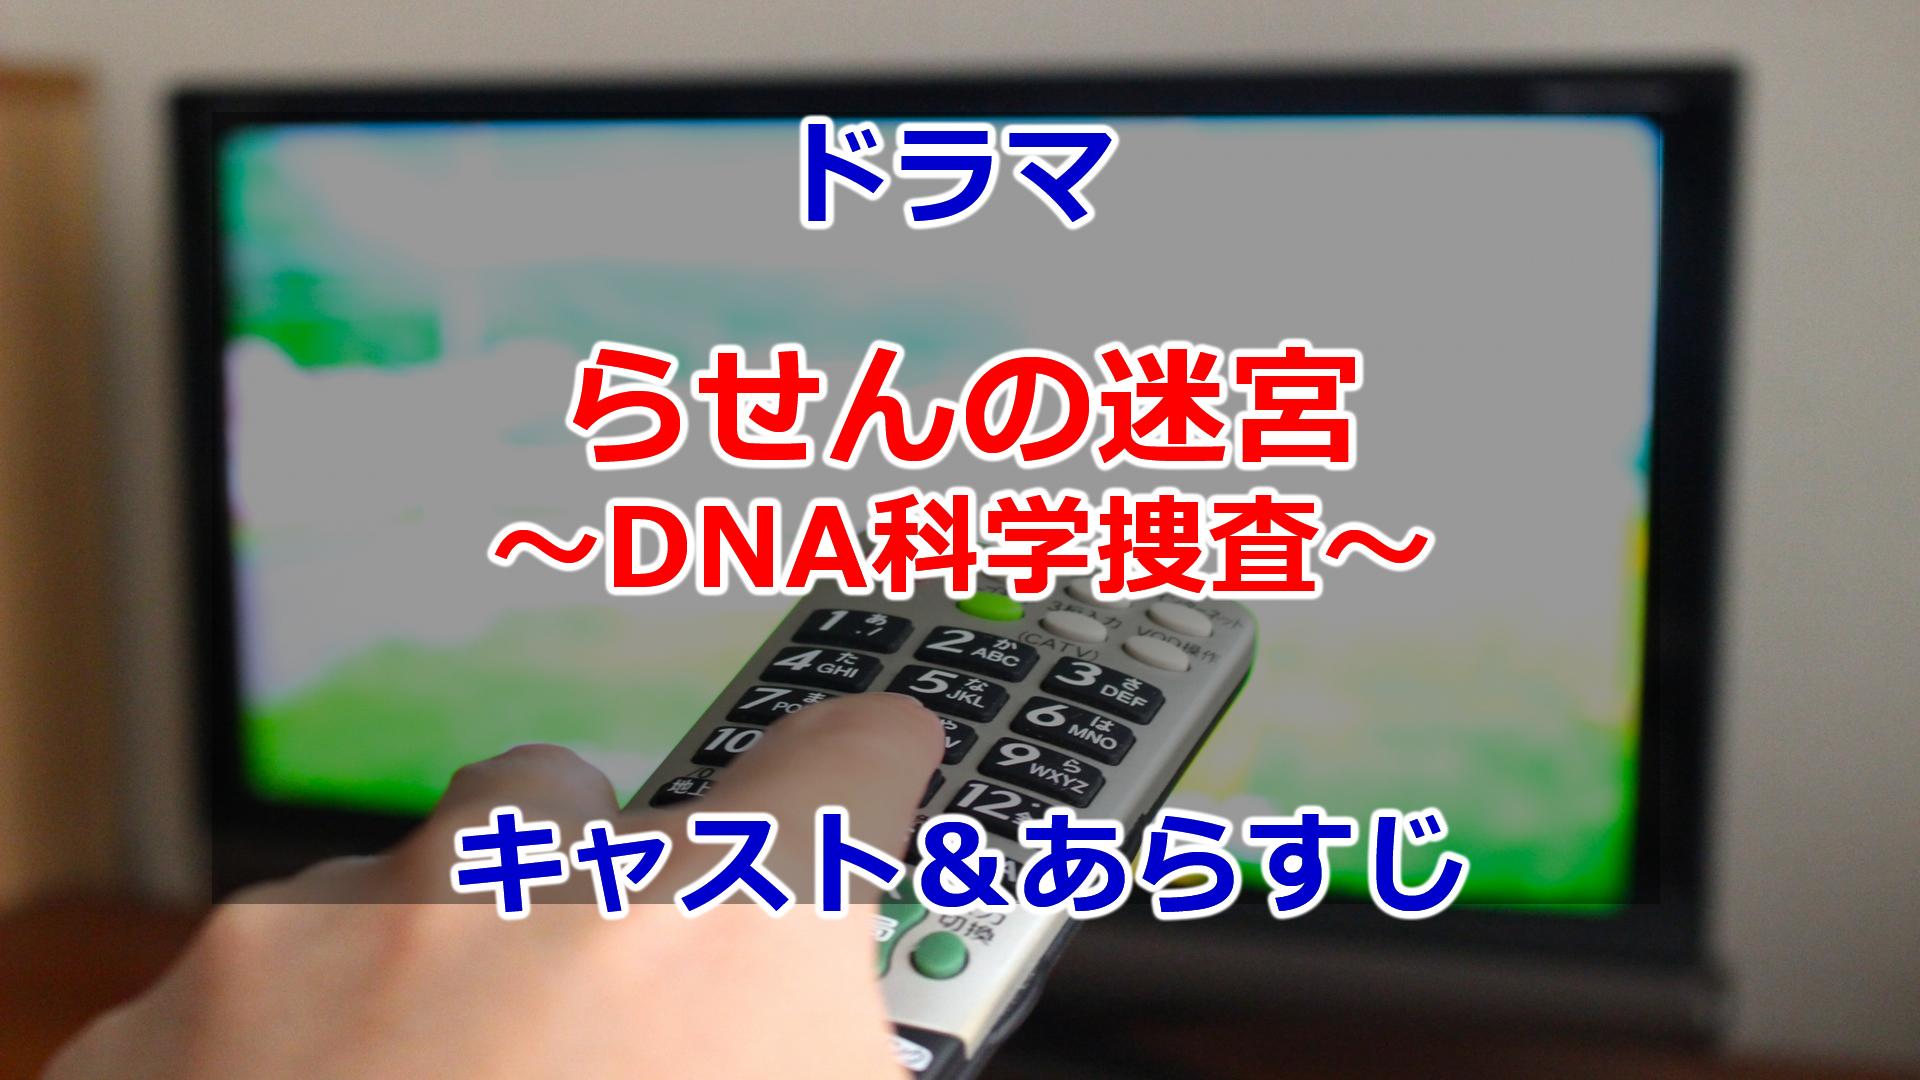 2020春ドラマらせんの迷宮~DNA科学捜査~キャスト&あらすじ